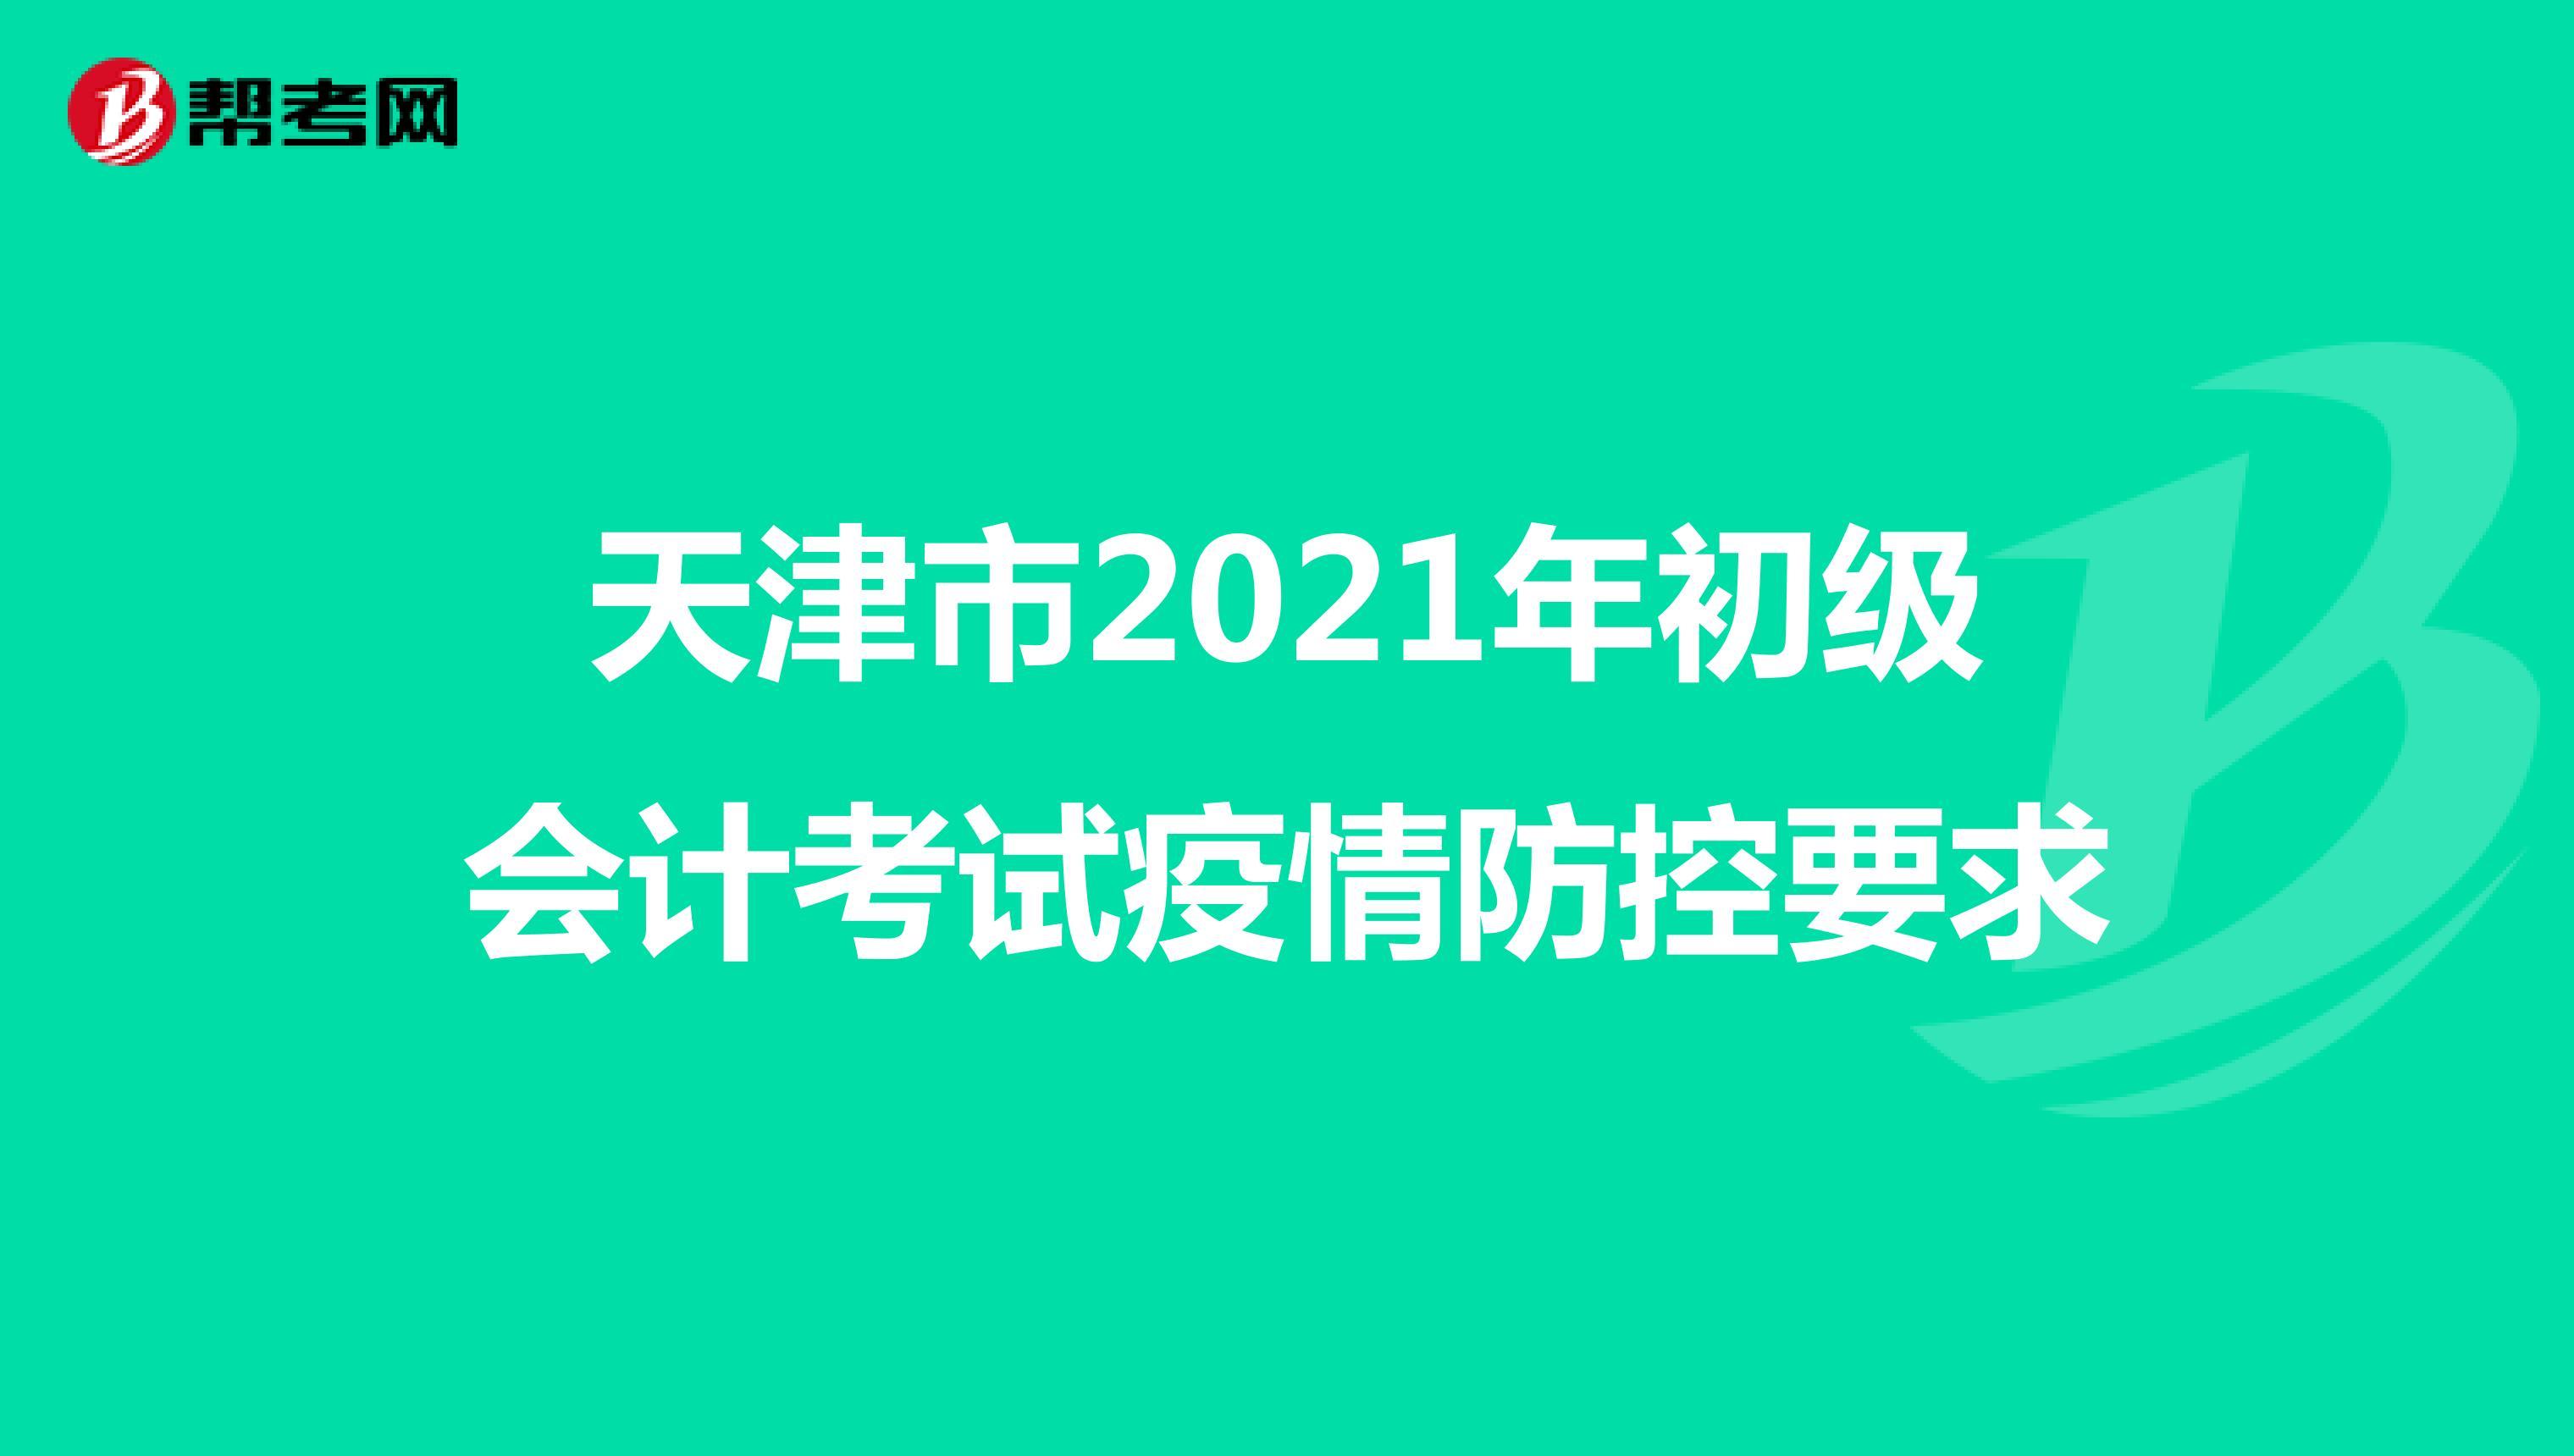 天津市2021年初级会计考试疫情防控要求